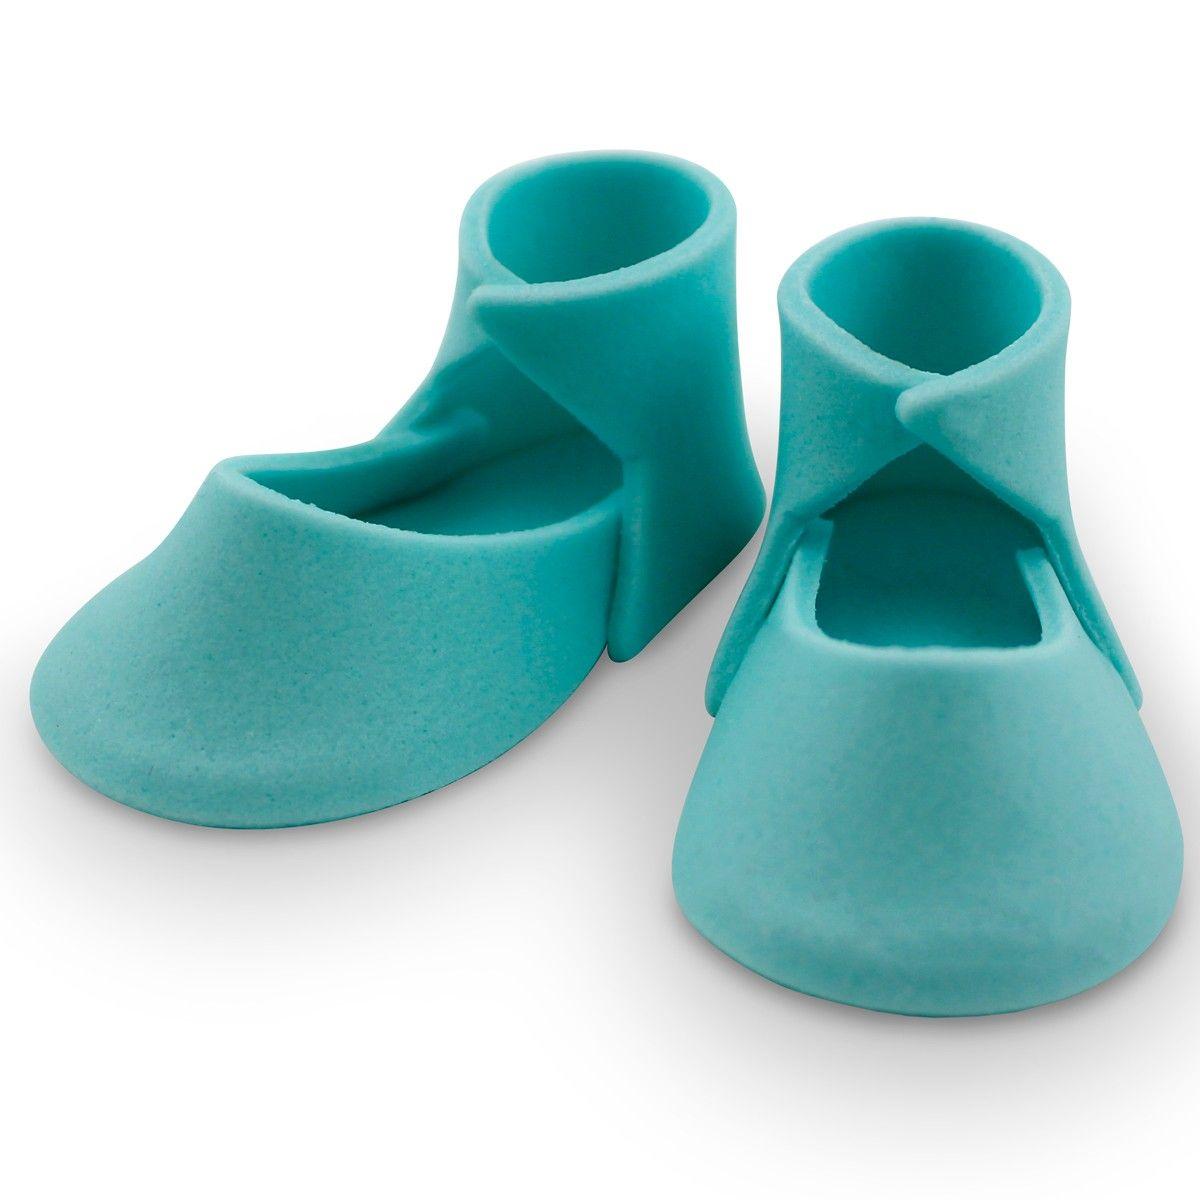 b249a55909aa2 PME CAKE TOPPER chaussons bébé moyen bleu en sucre PK 2 PME PM167B ...